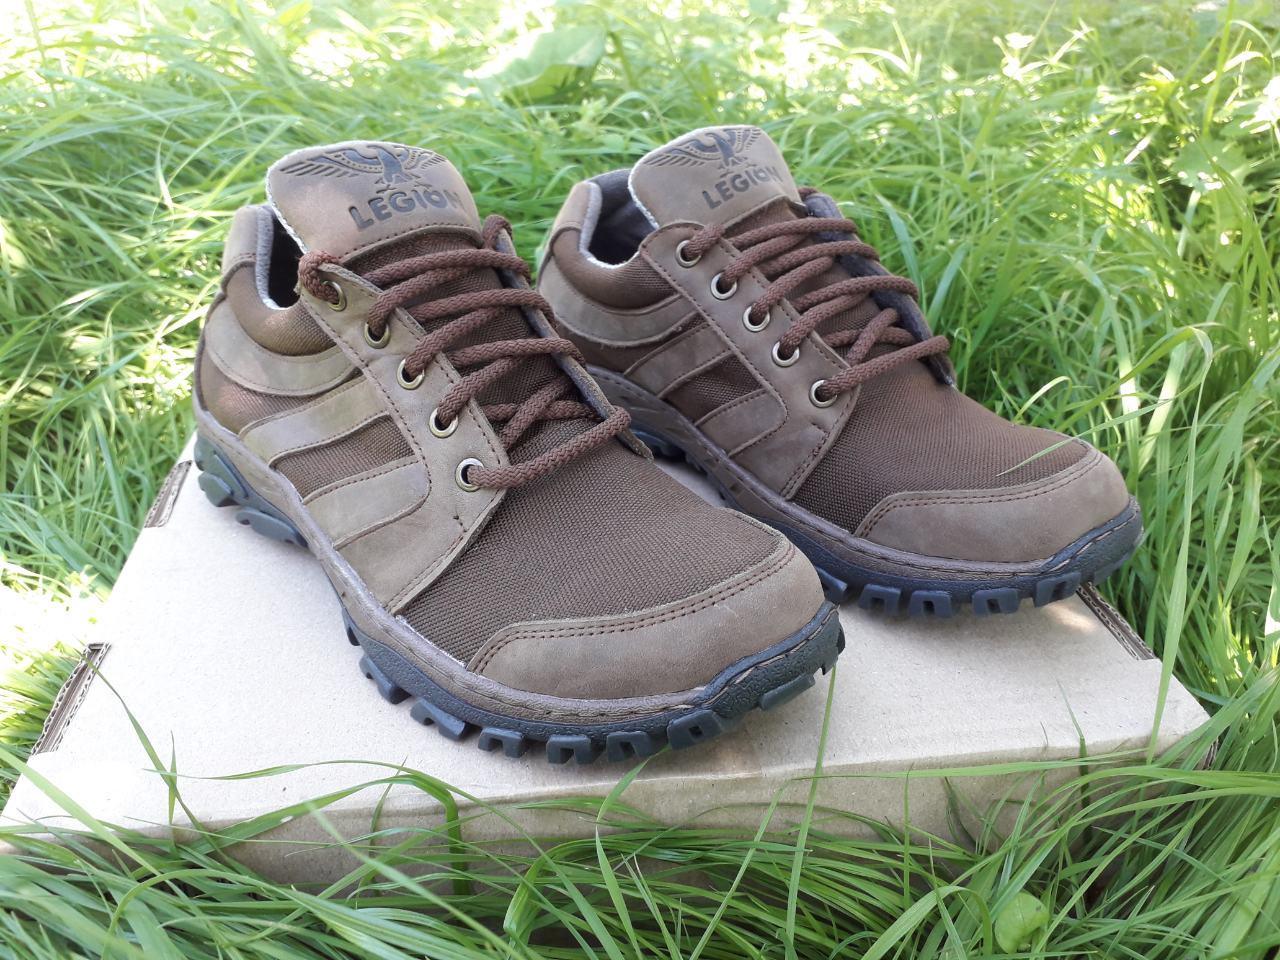 Тактические кроссовки Легион коричневые